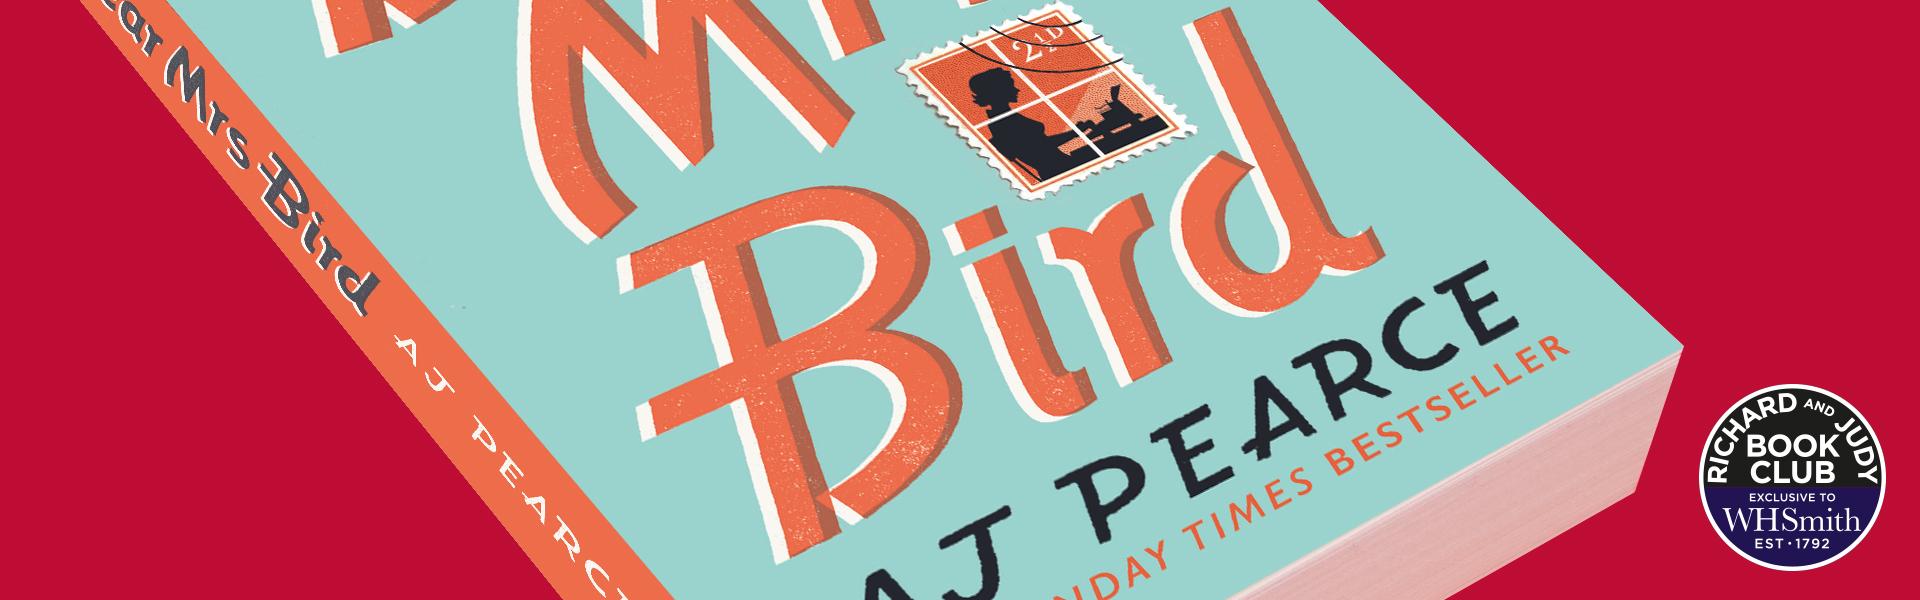 Richard And Judy Introduce Dear Mrs Bird by AJ Pearce